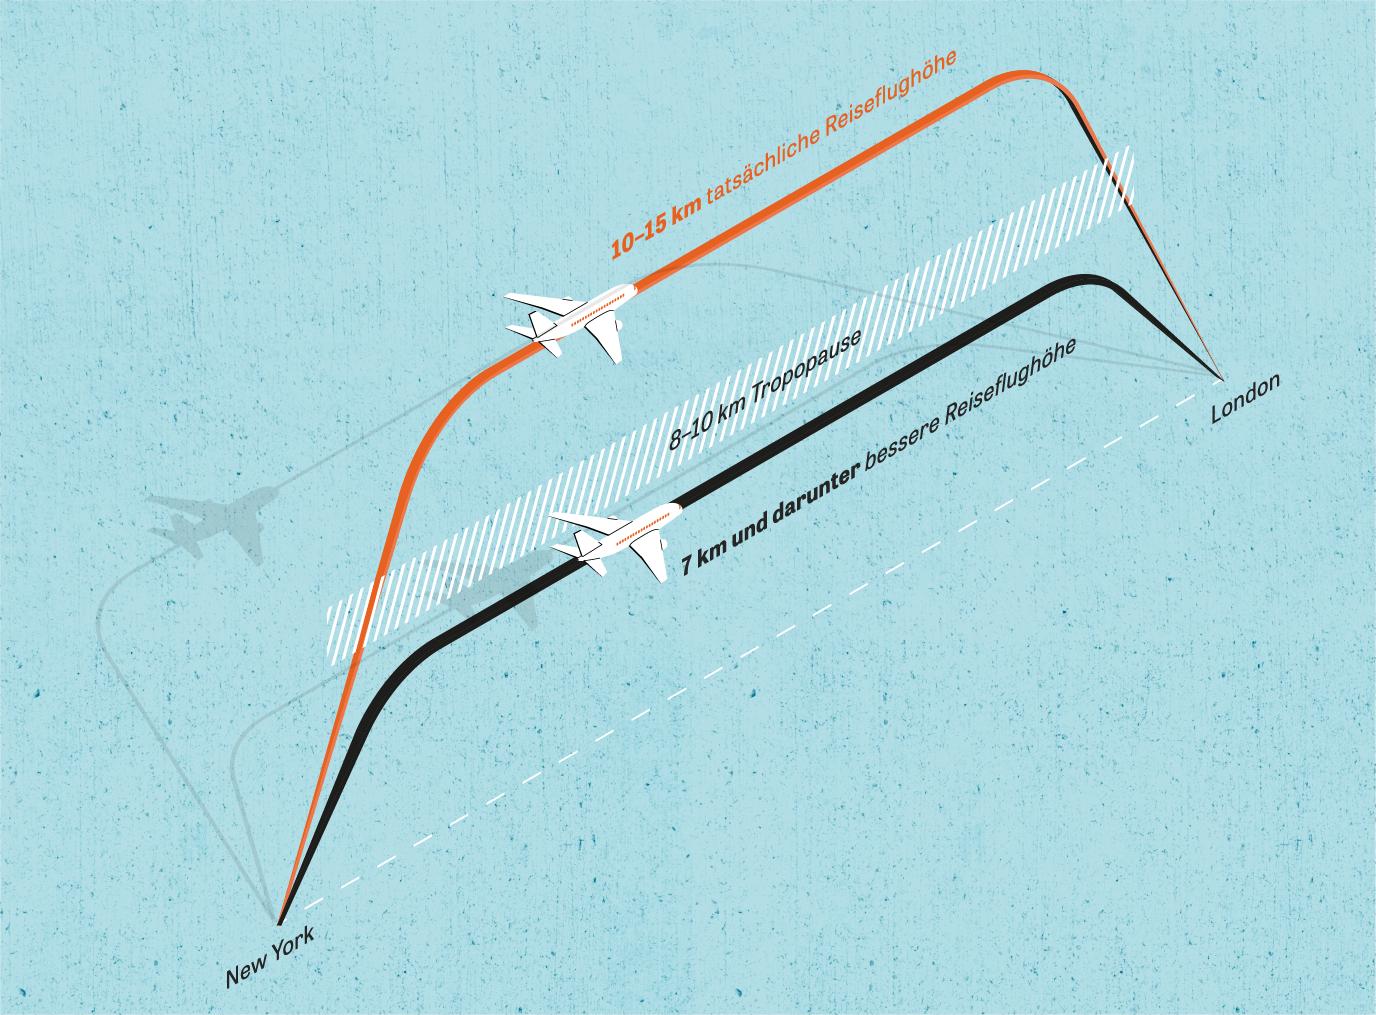 CO2-Bilanz: Die Bildung von Kondensstreifen und daraus entstehenden Cirruswolken – beide klimaschädlich – lässt sich deutlich verringern, wenn Transatlantikflieger nicht mehr in der Stratosphäre oberhalb von zehn Kilometern fliegen, sondern in etwa sieben Kilometer Höhe, in der oberen Troposphäre. Momentan werden die höheren Flugrouten aufgrund der niedrigeren Kosten von den Fluglinien bevorzugt